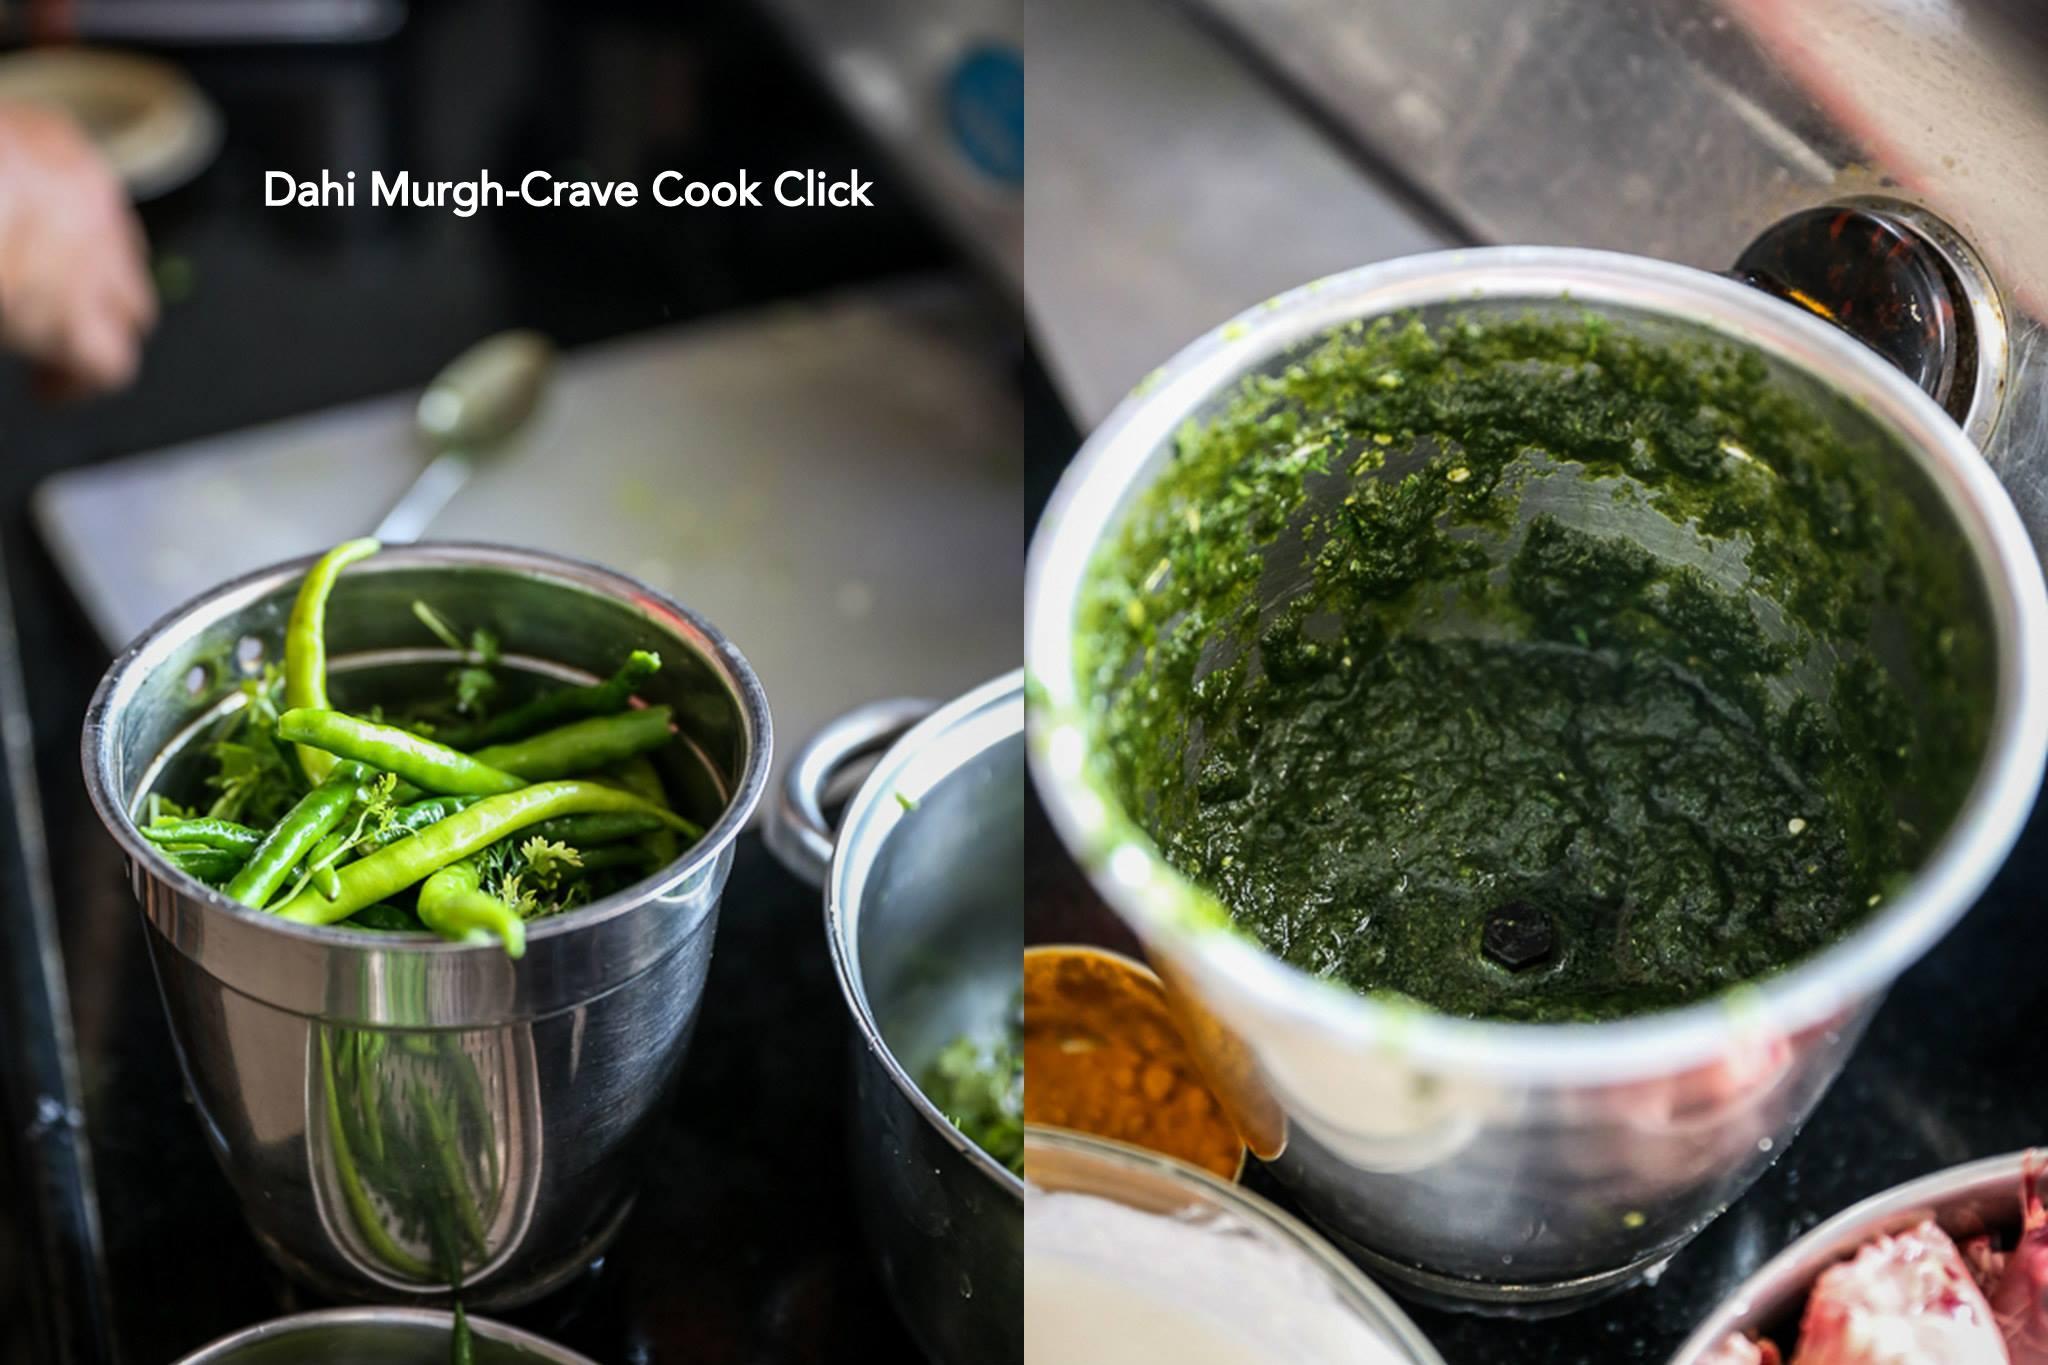 Dahi Murgh-Crave Cook Click